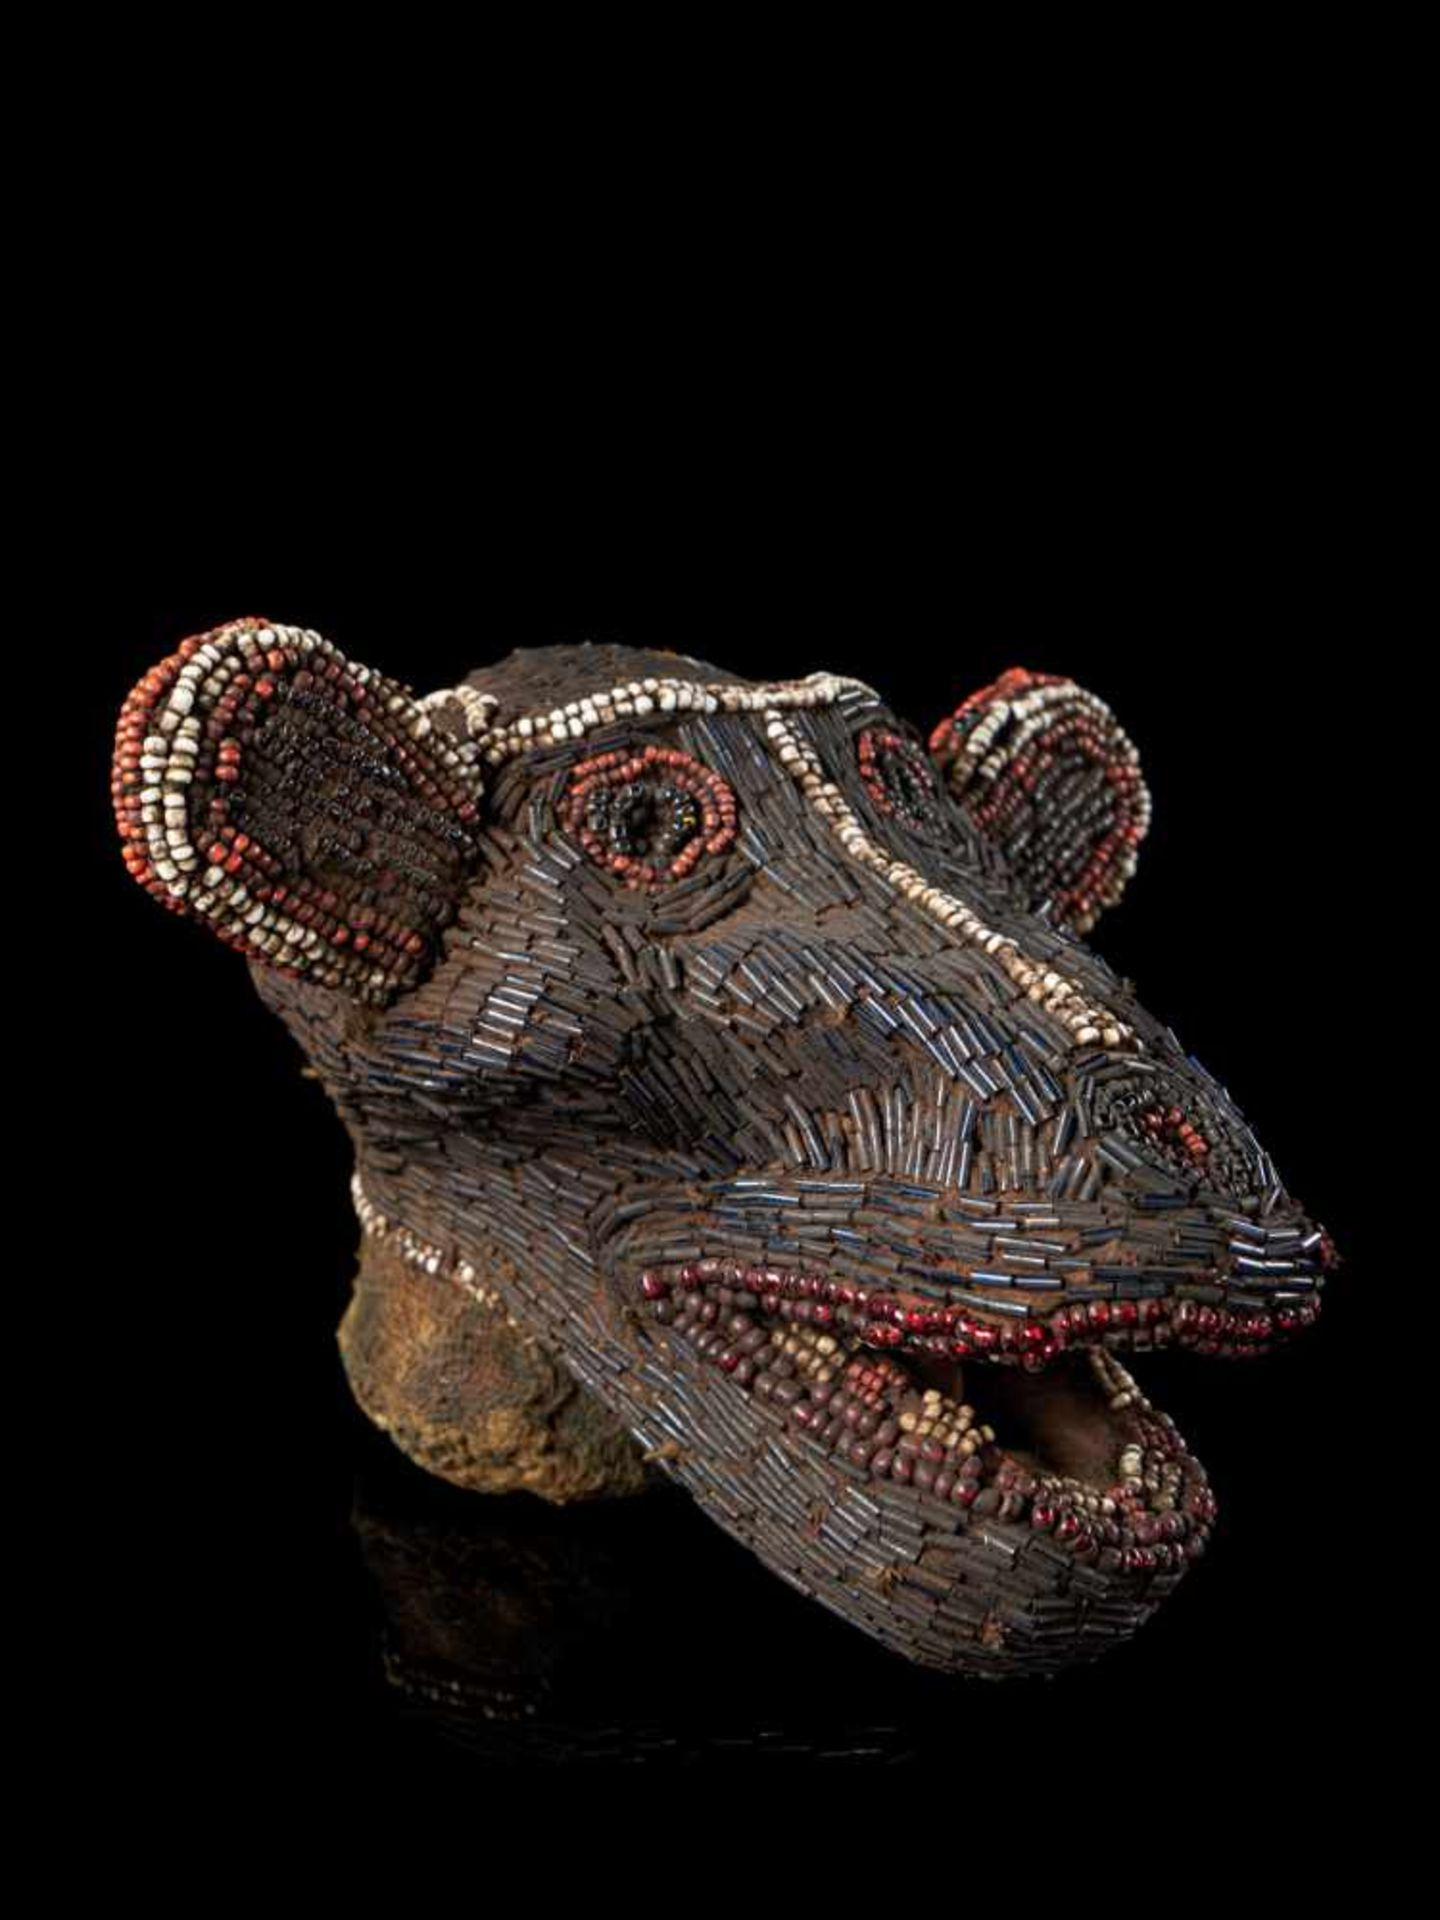 Beaded Monkey Head - Tribal ArtThis beaded monkey head has a striking gaunt appearance. It is - Bild 2 aus 5